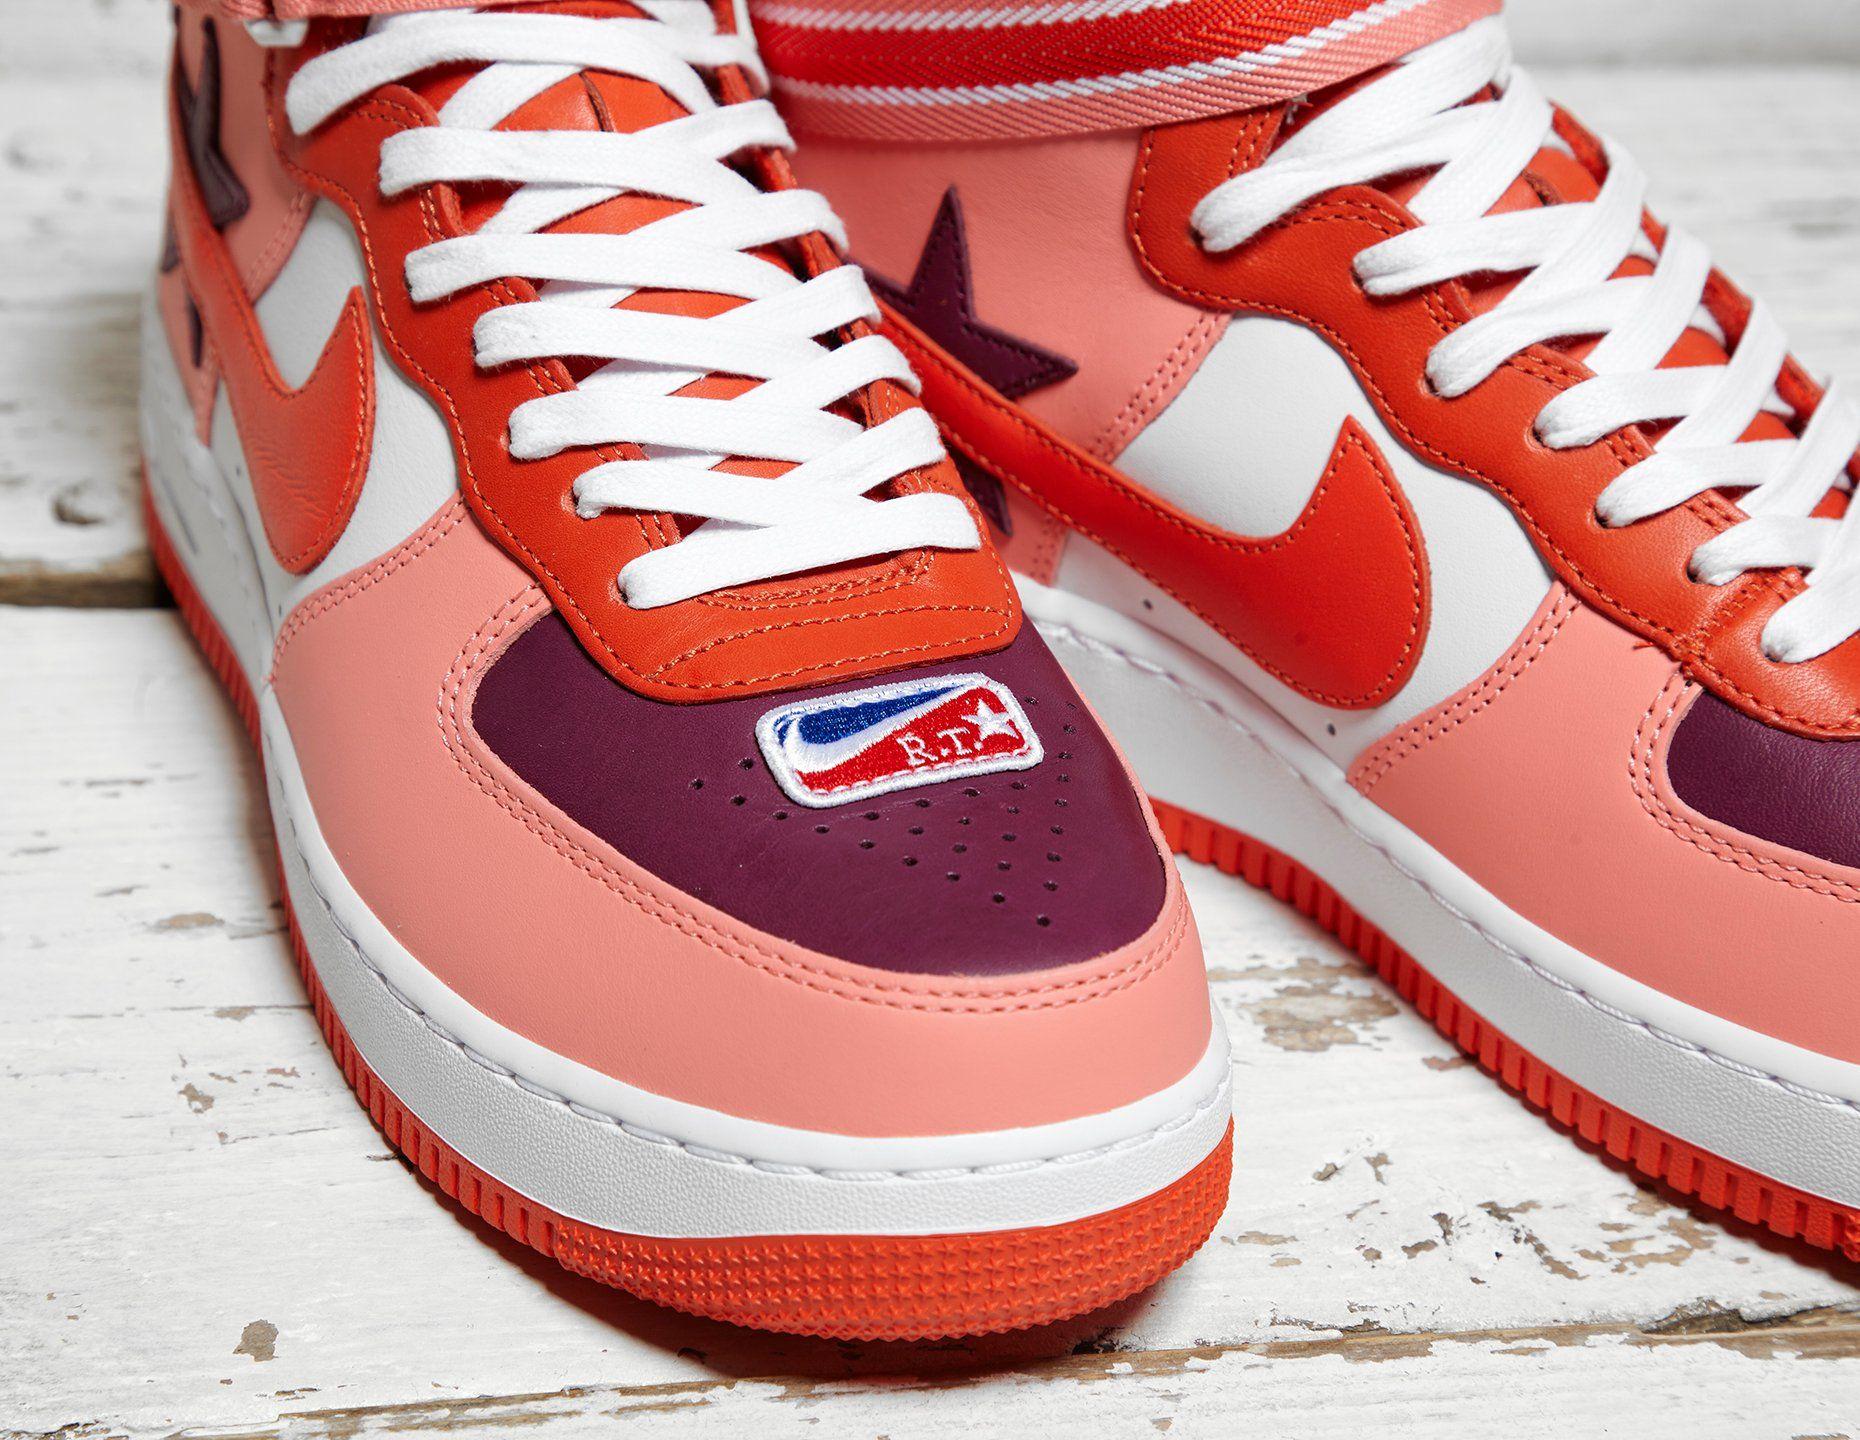 Nike x Riccardo Tisci Air Force 1